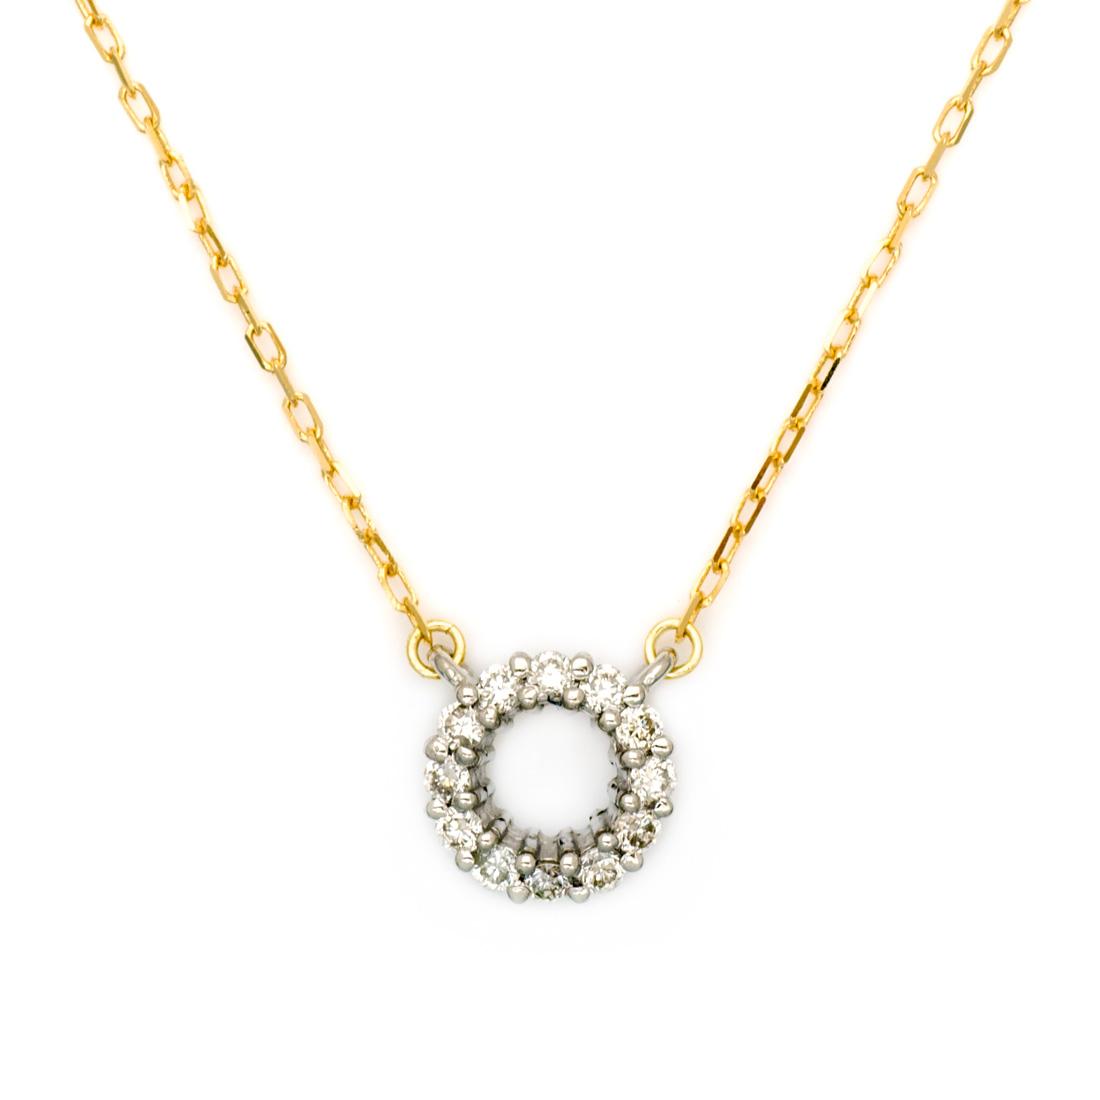 【GWクーポン配布中】ネックレス ダイヤモンド 「halo」 プラチナ900 ゴールド K18 コンビネーション アズキチェーン 送料無料